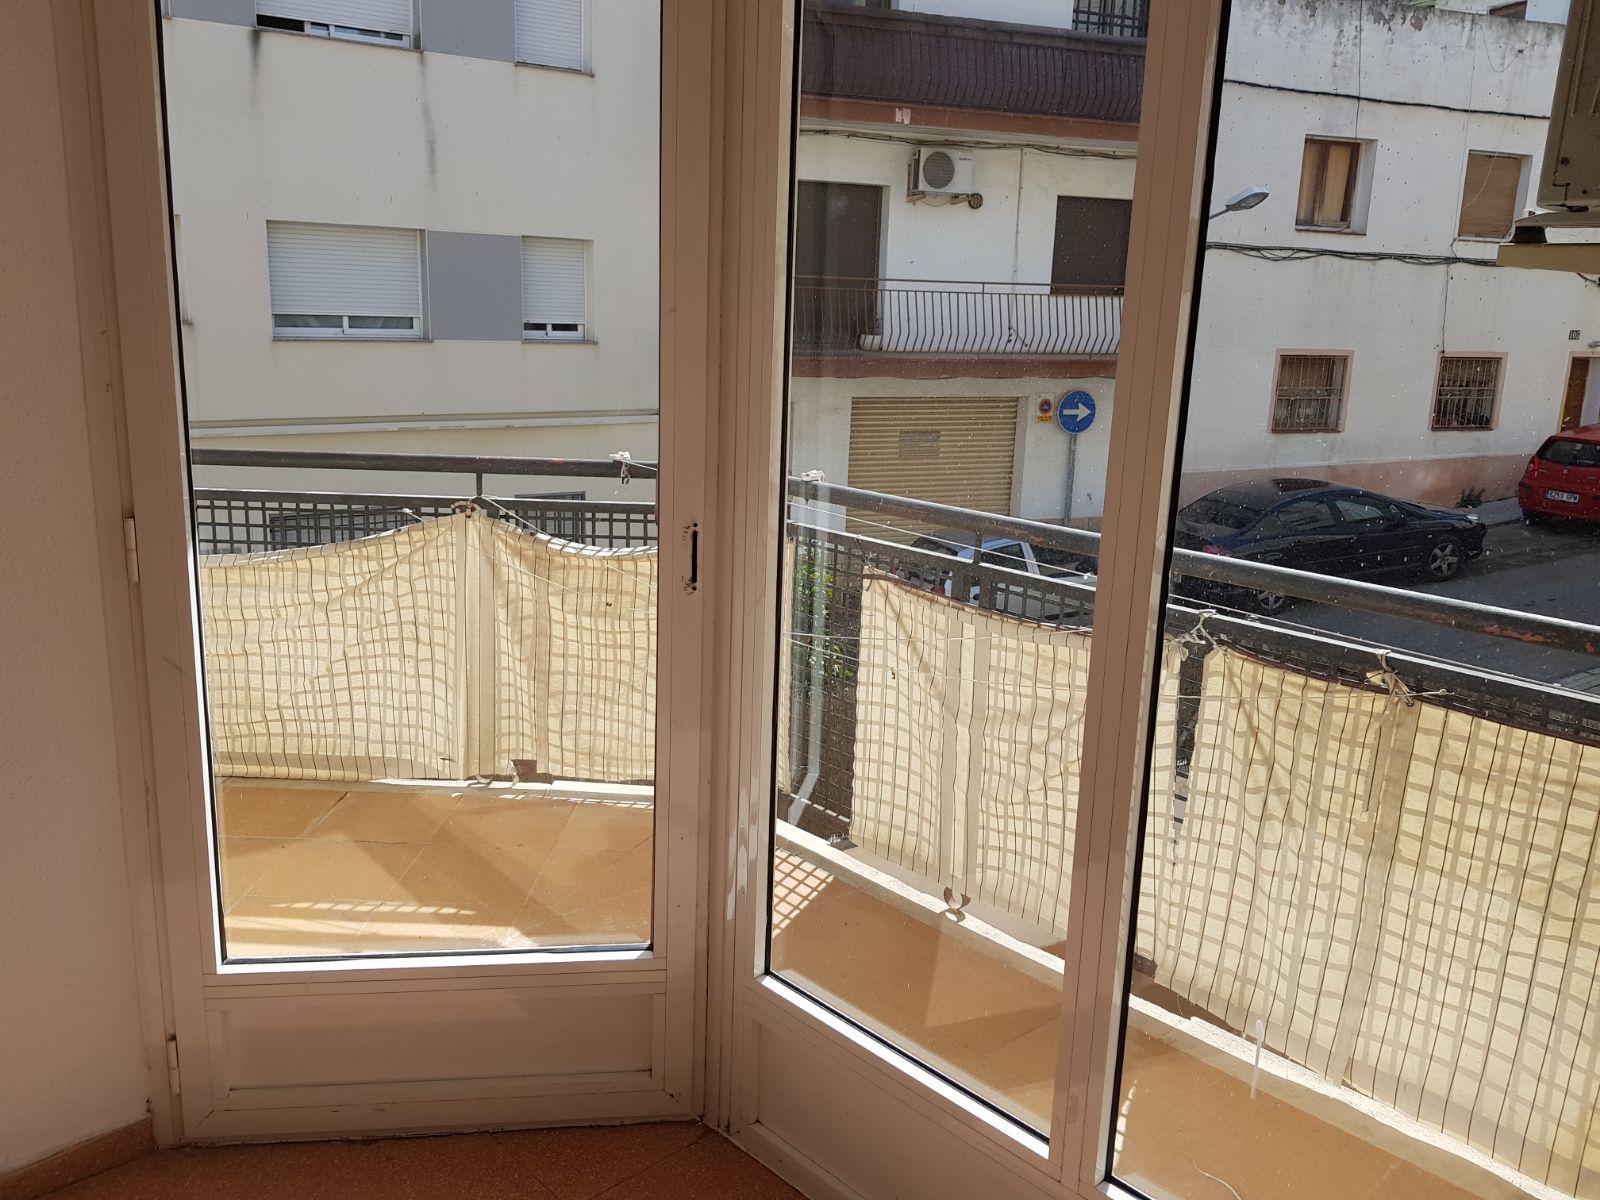 Piso en venta en Sant Pere de Ribes, Barcelona, Calle Barcelona, 135.000 €, 3 habitaciones, 1 baño, 85 m2